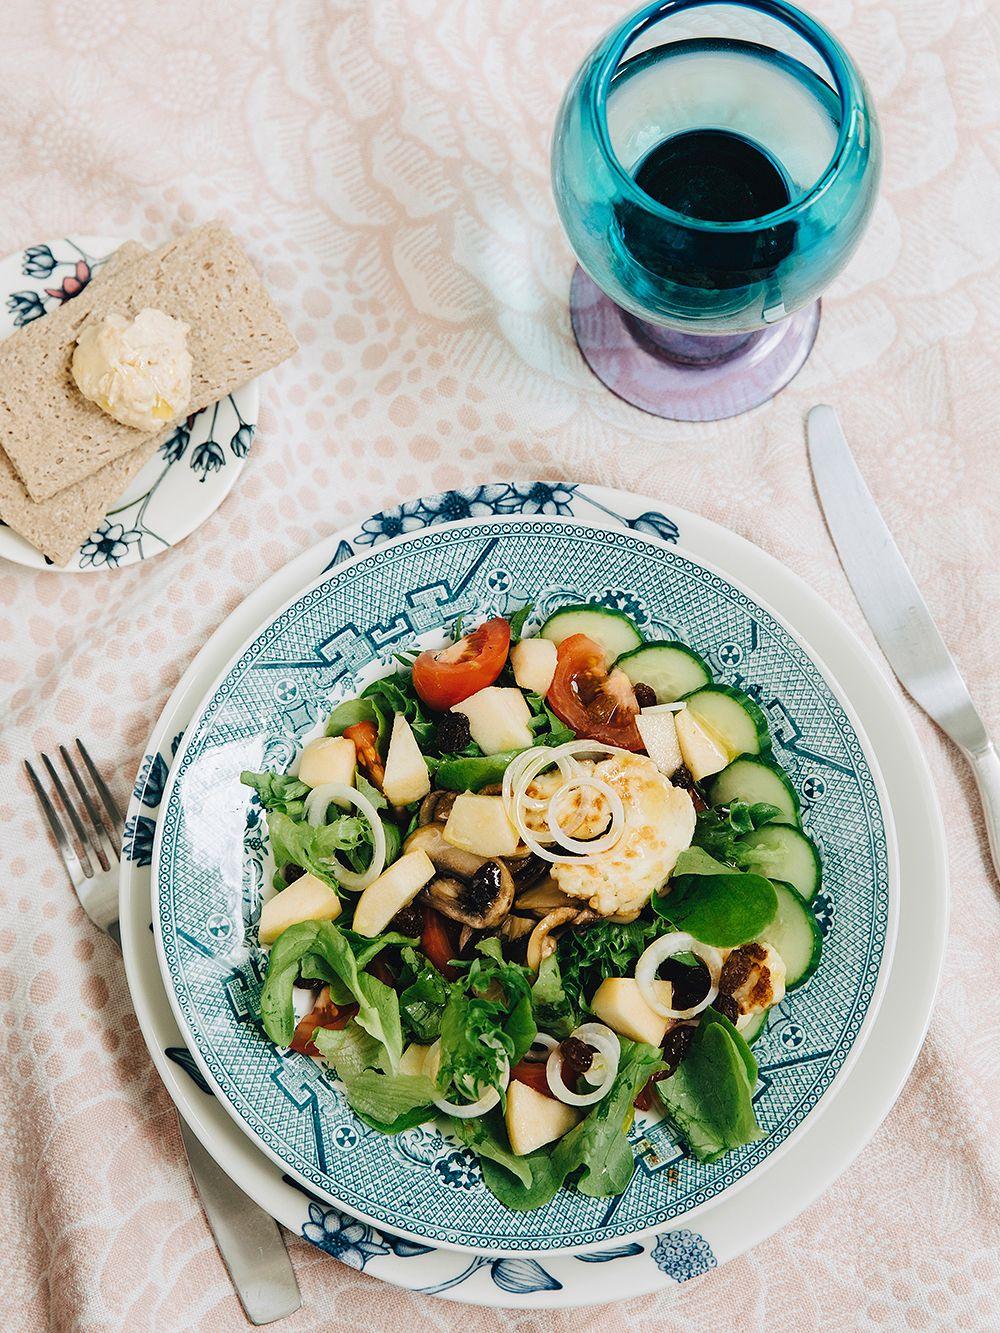 Ceramic artist Heini Riitahuhta's halloumi and mushroom salad